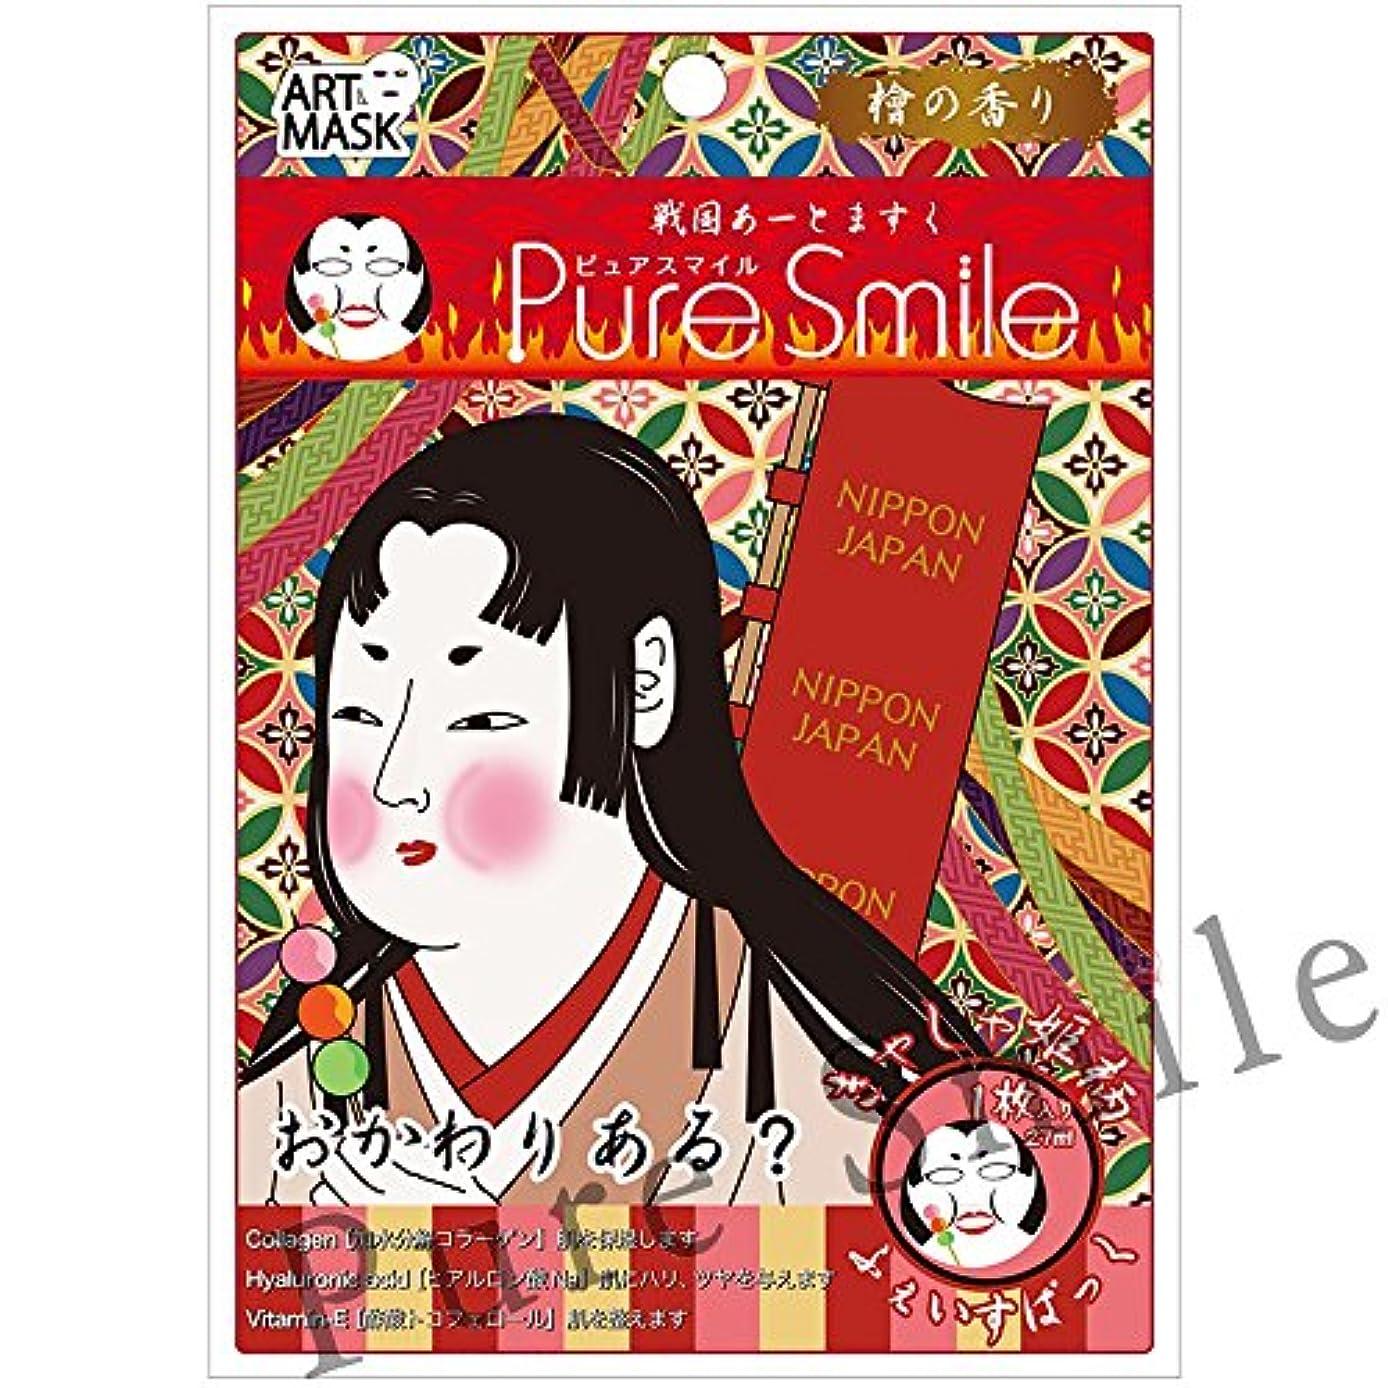 精査するほぼ結晶Pure Smile(ピュアスマイル) フェイスマスク/アートマスク『戦国アートマスク』(きゃしゃ姫/檜の香り)